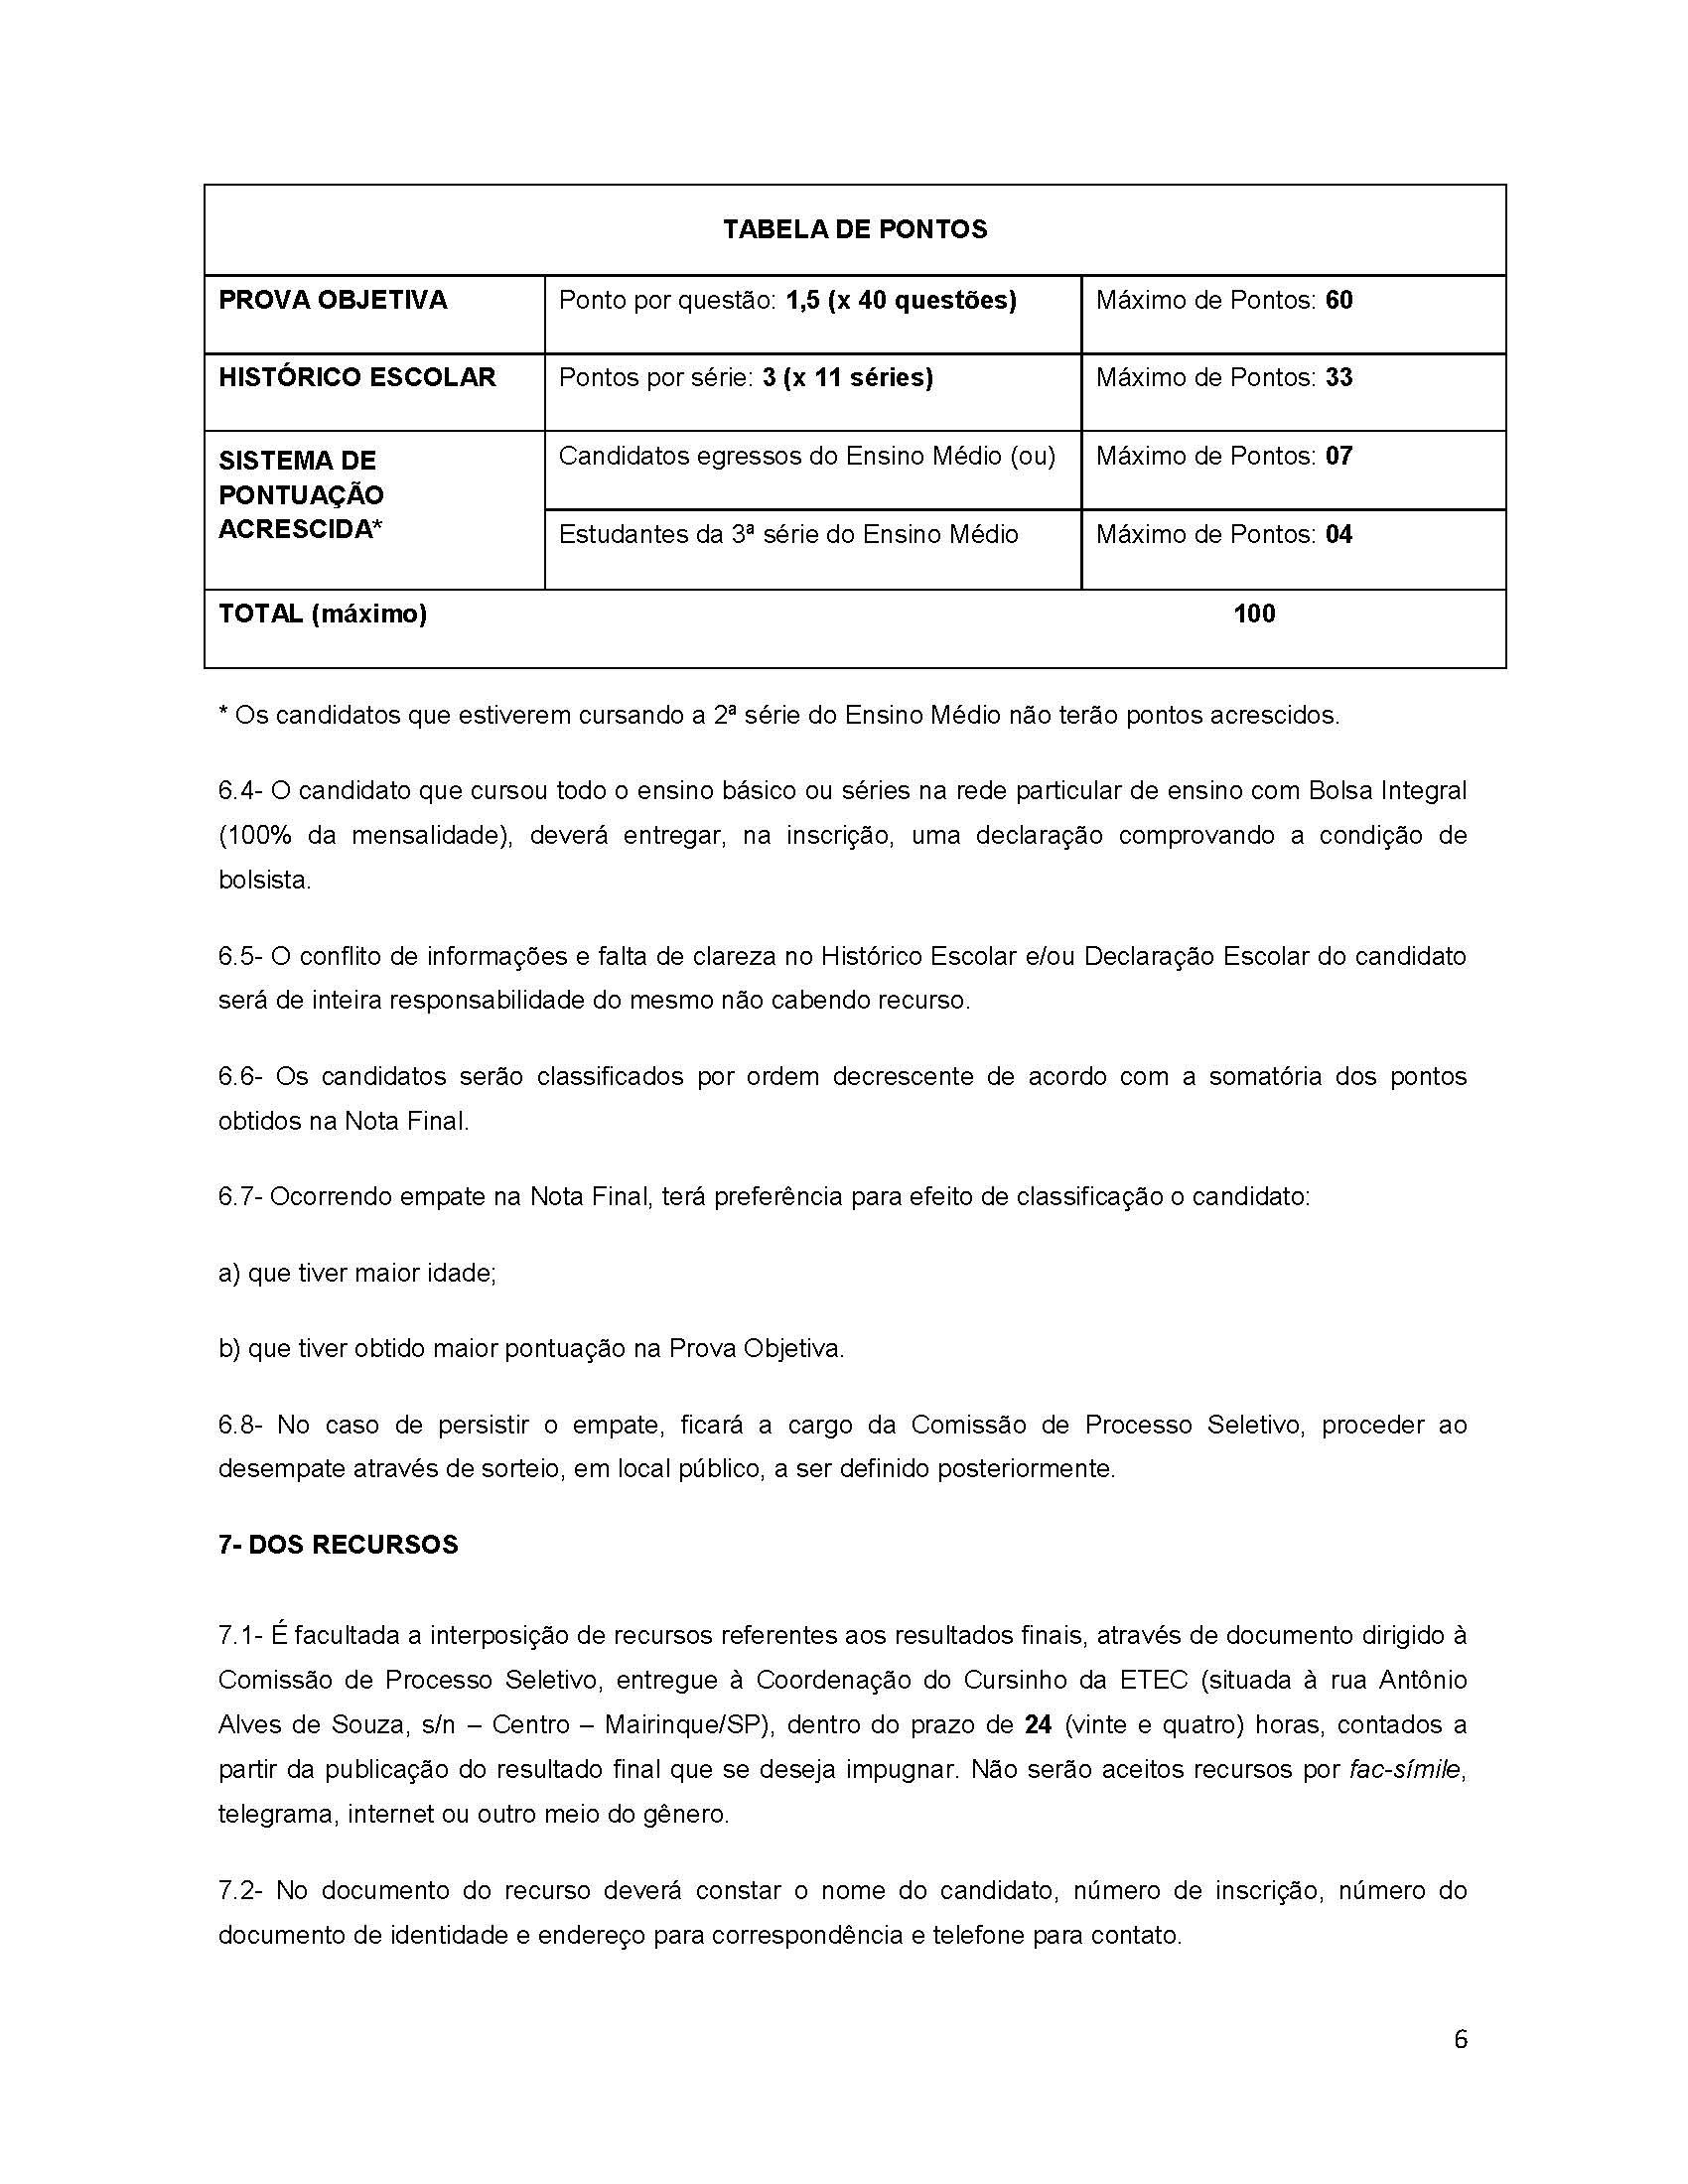 Edital Cursinho da ETEC de Mk (INTENSIVO)_Página_6